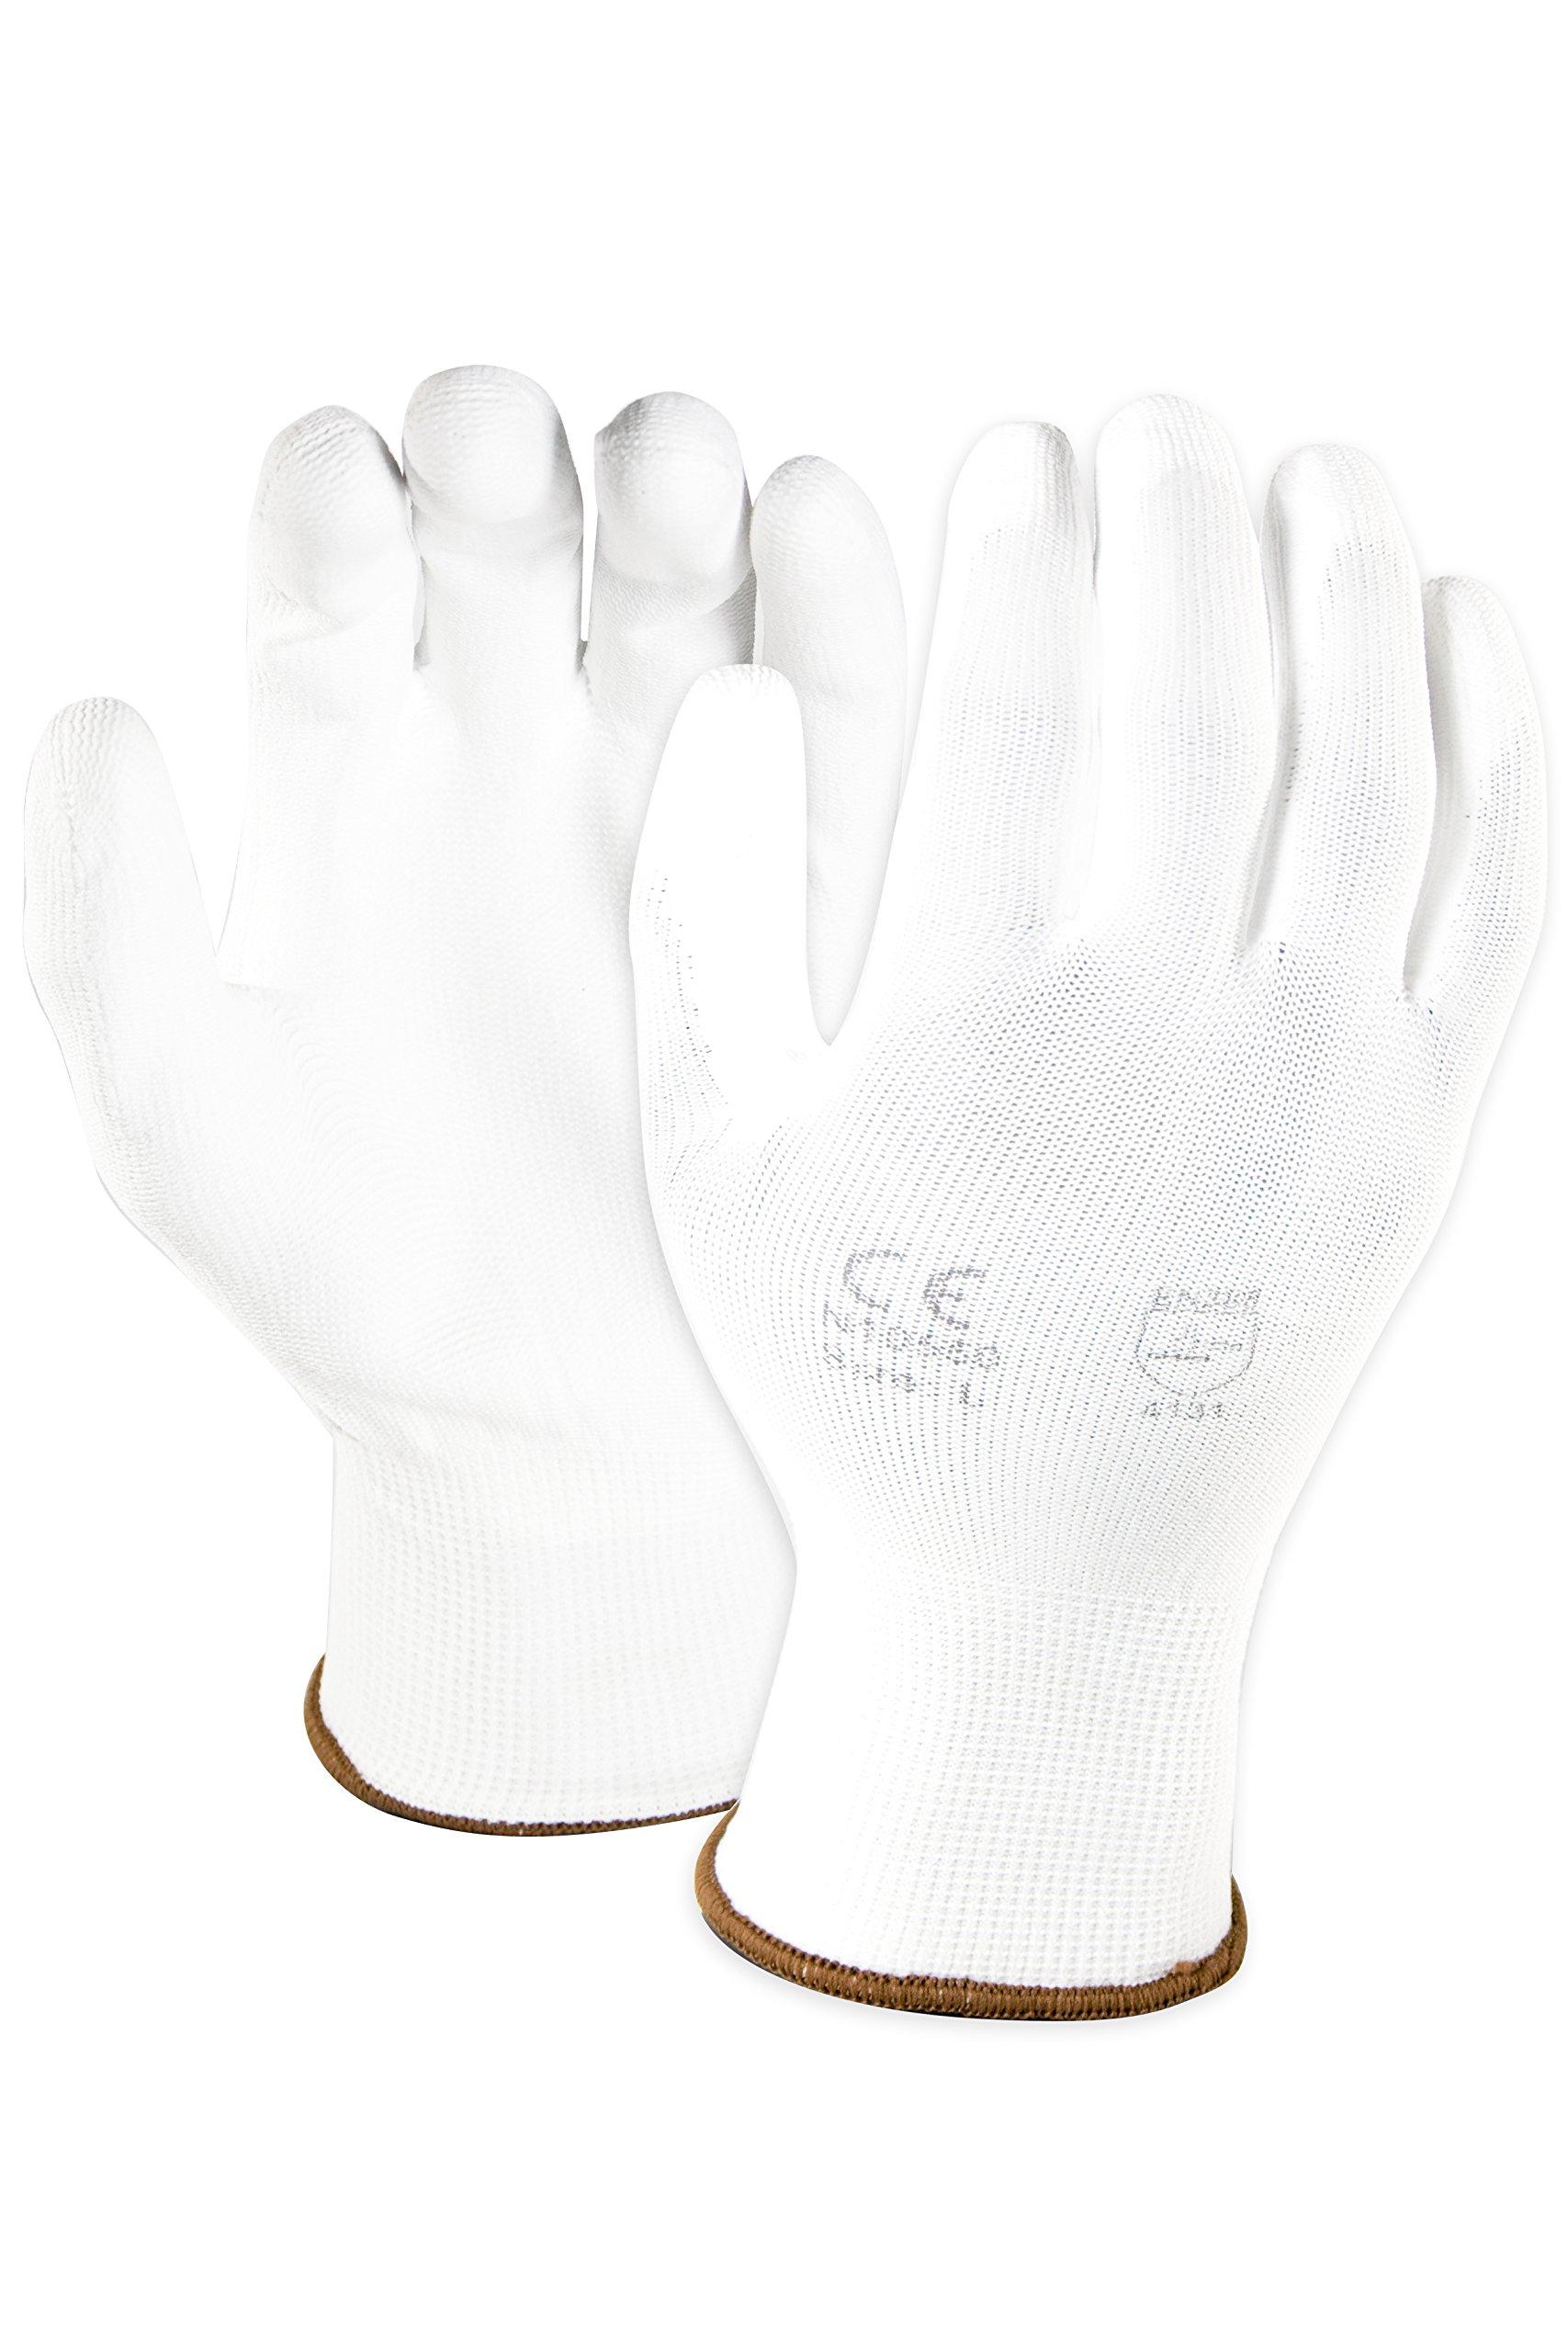 Azusa Safety N10550 13 gauge Nylon Machine Knit Safety Gloves, Polyurethane PU Coated, Large, White (Pack of 12 Pairs)